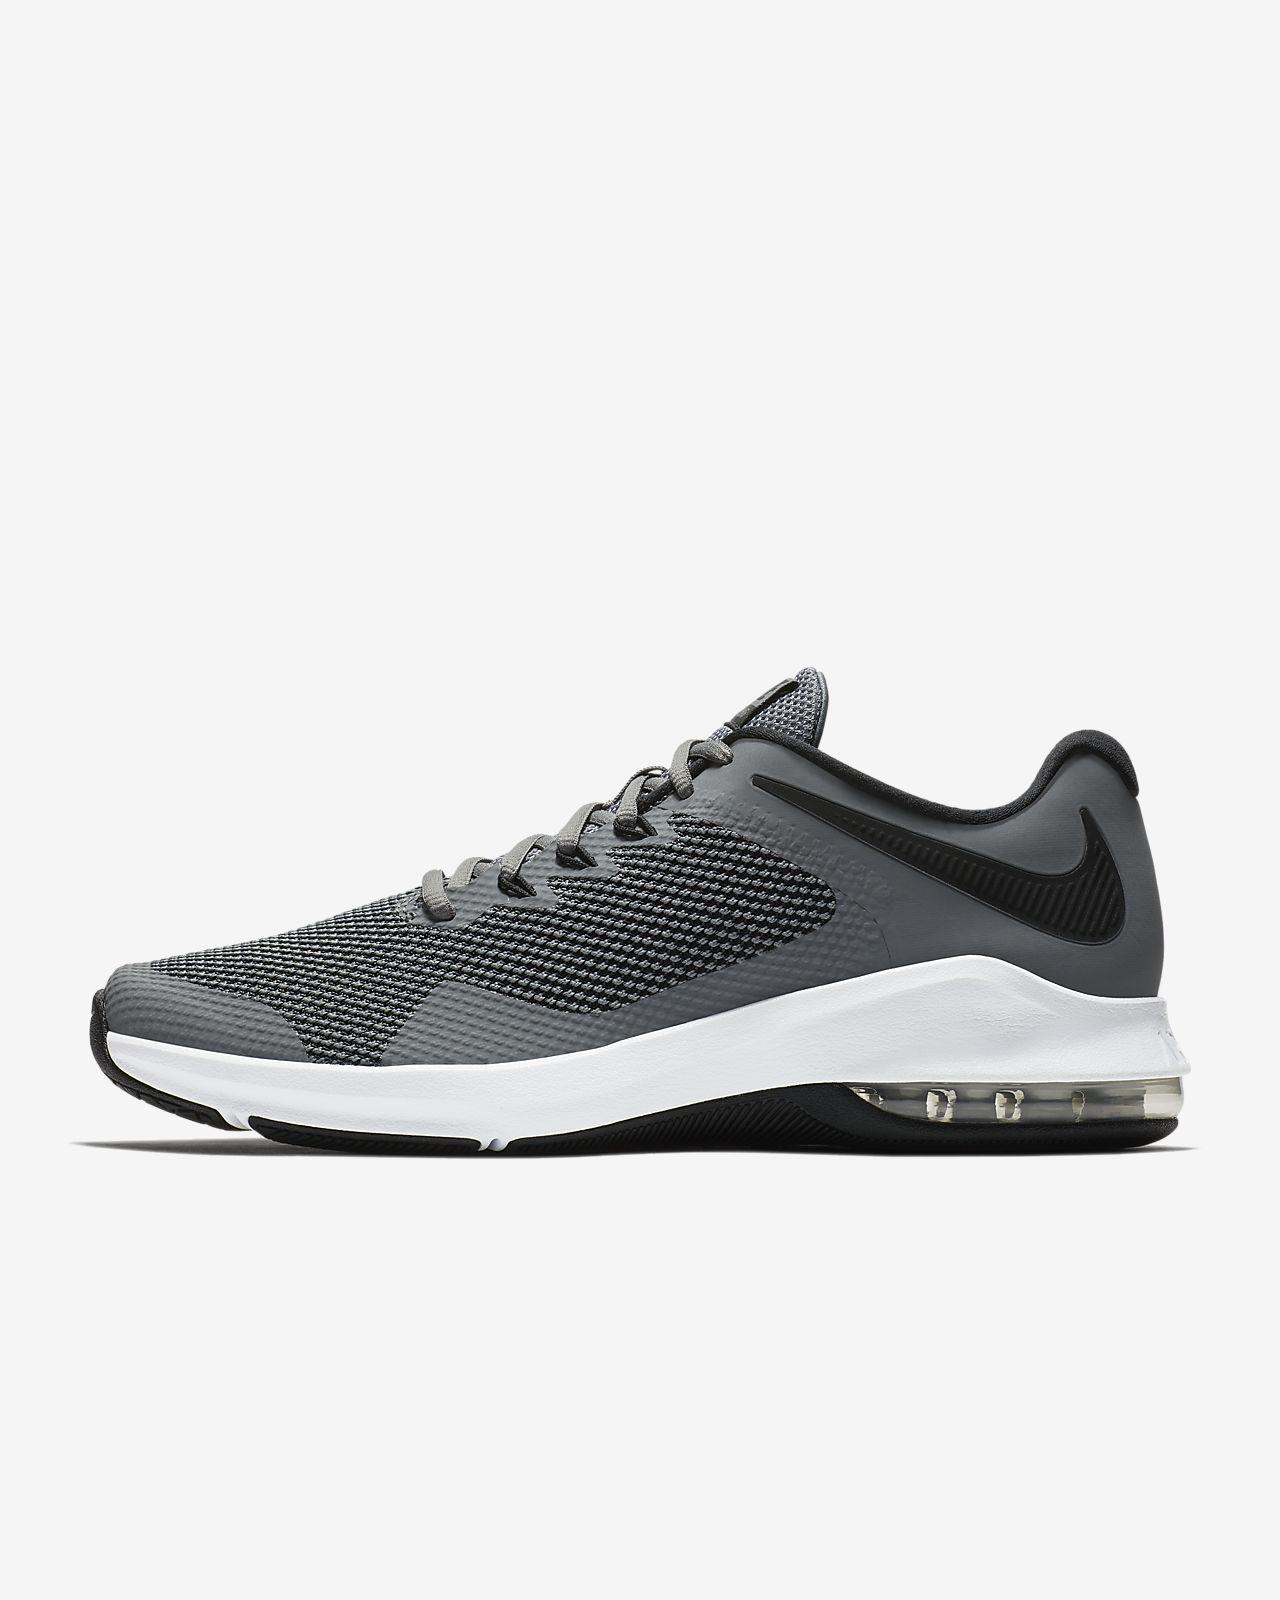 Chaussure de fitness, de training et d'entraînement Nike Air Max Alpha Trainer pour Homme